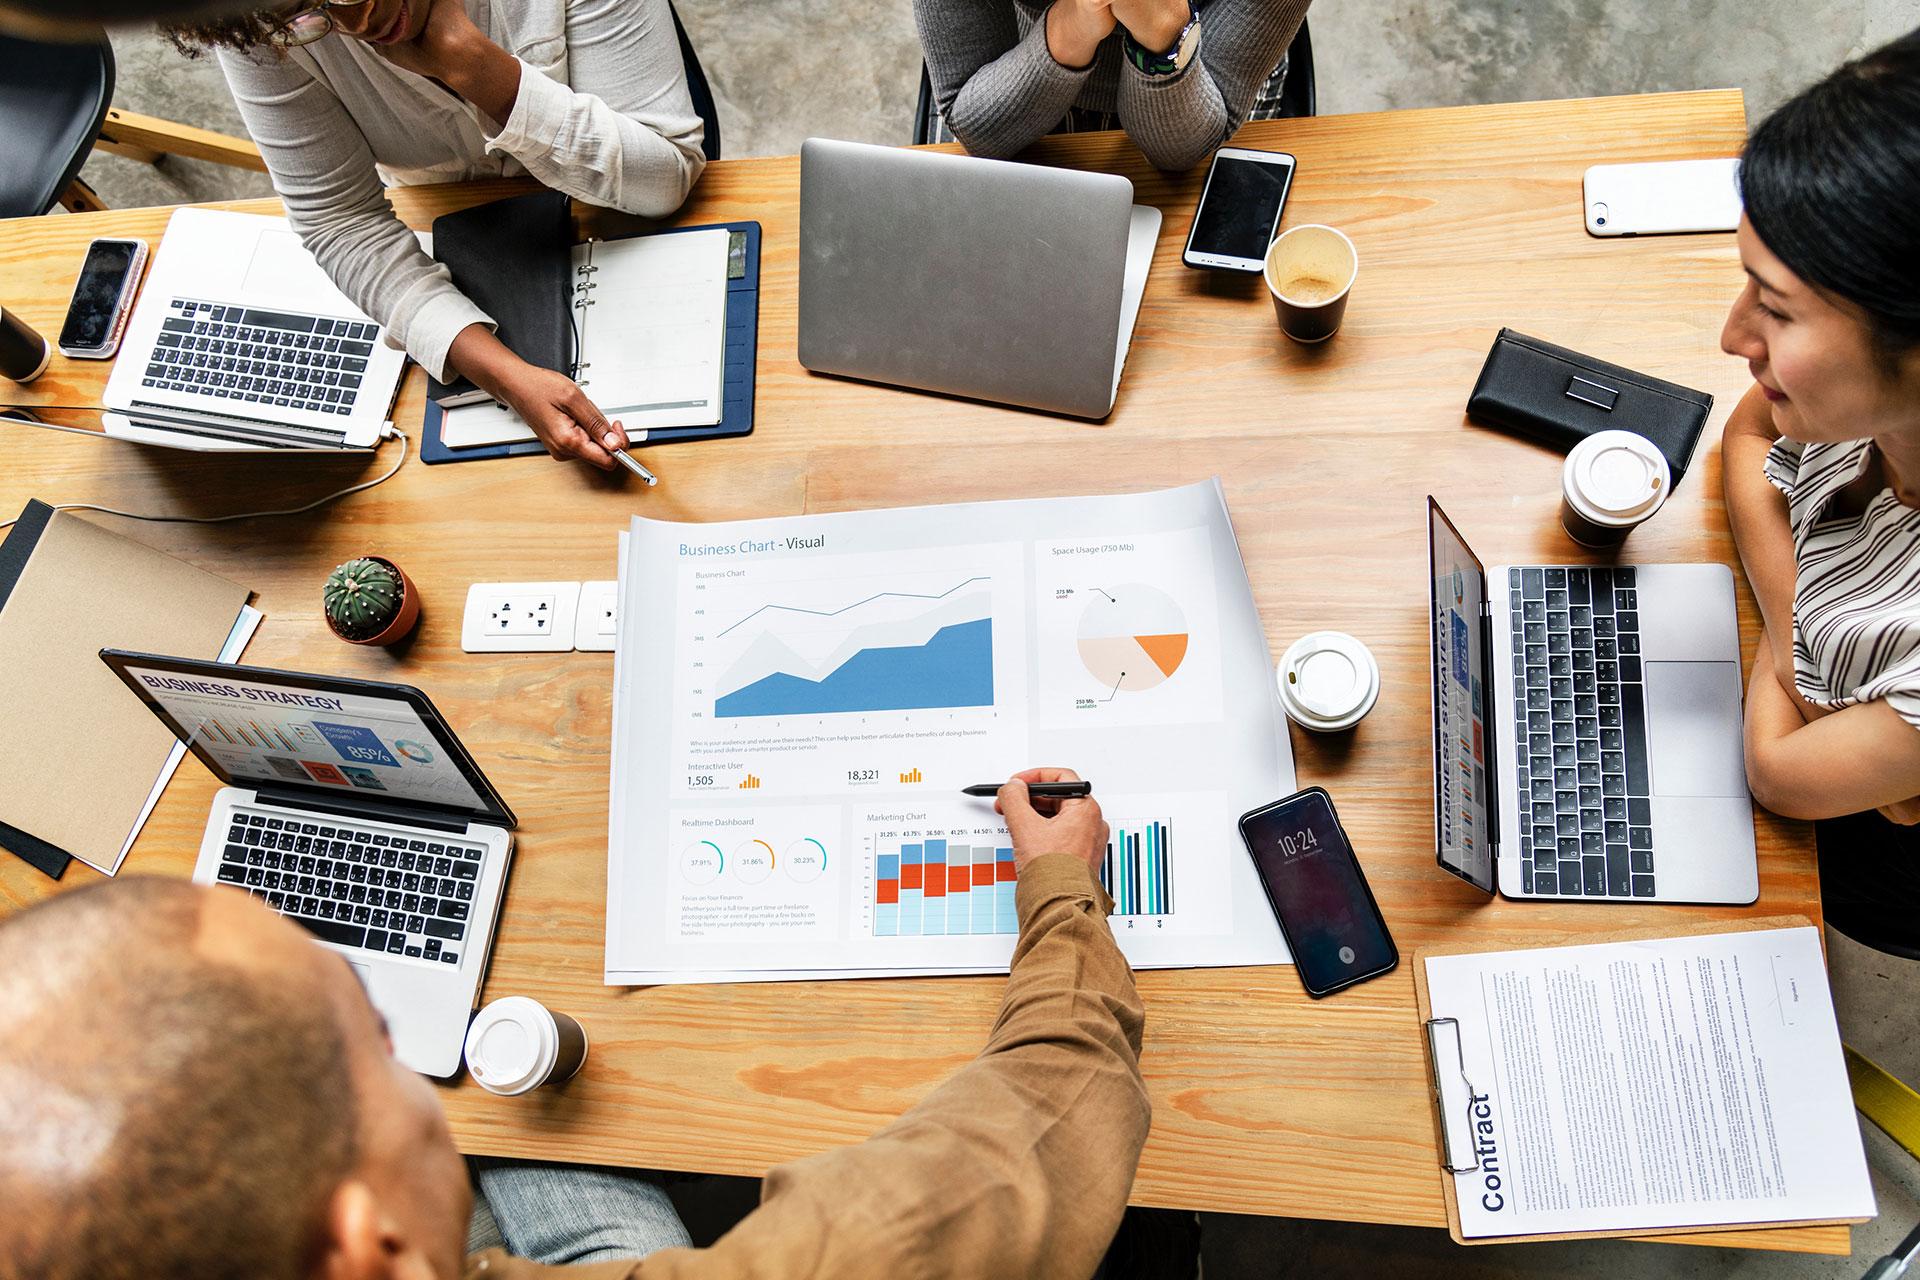 Die Top 4-Trends im Marketing für 2019 und die Zukunft  -Der konsolidierte Marketingtrend der Ottenbacher Verlags GmbH für mehr Umsatz-